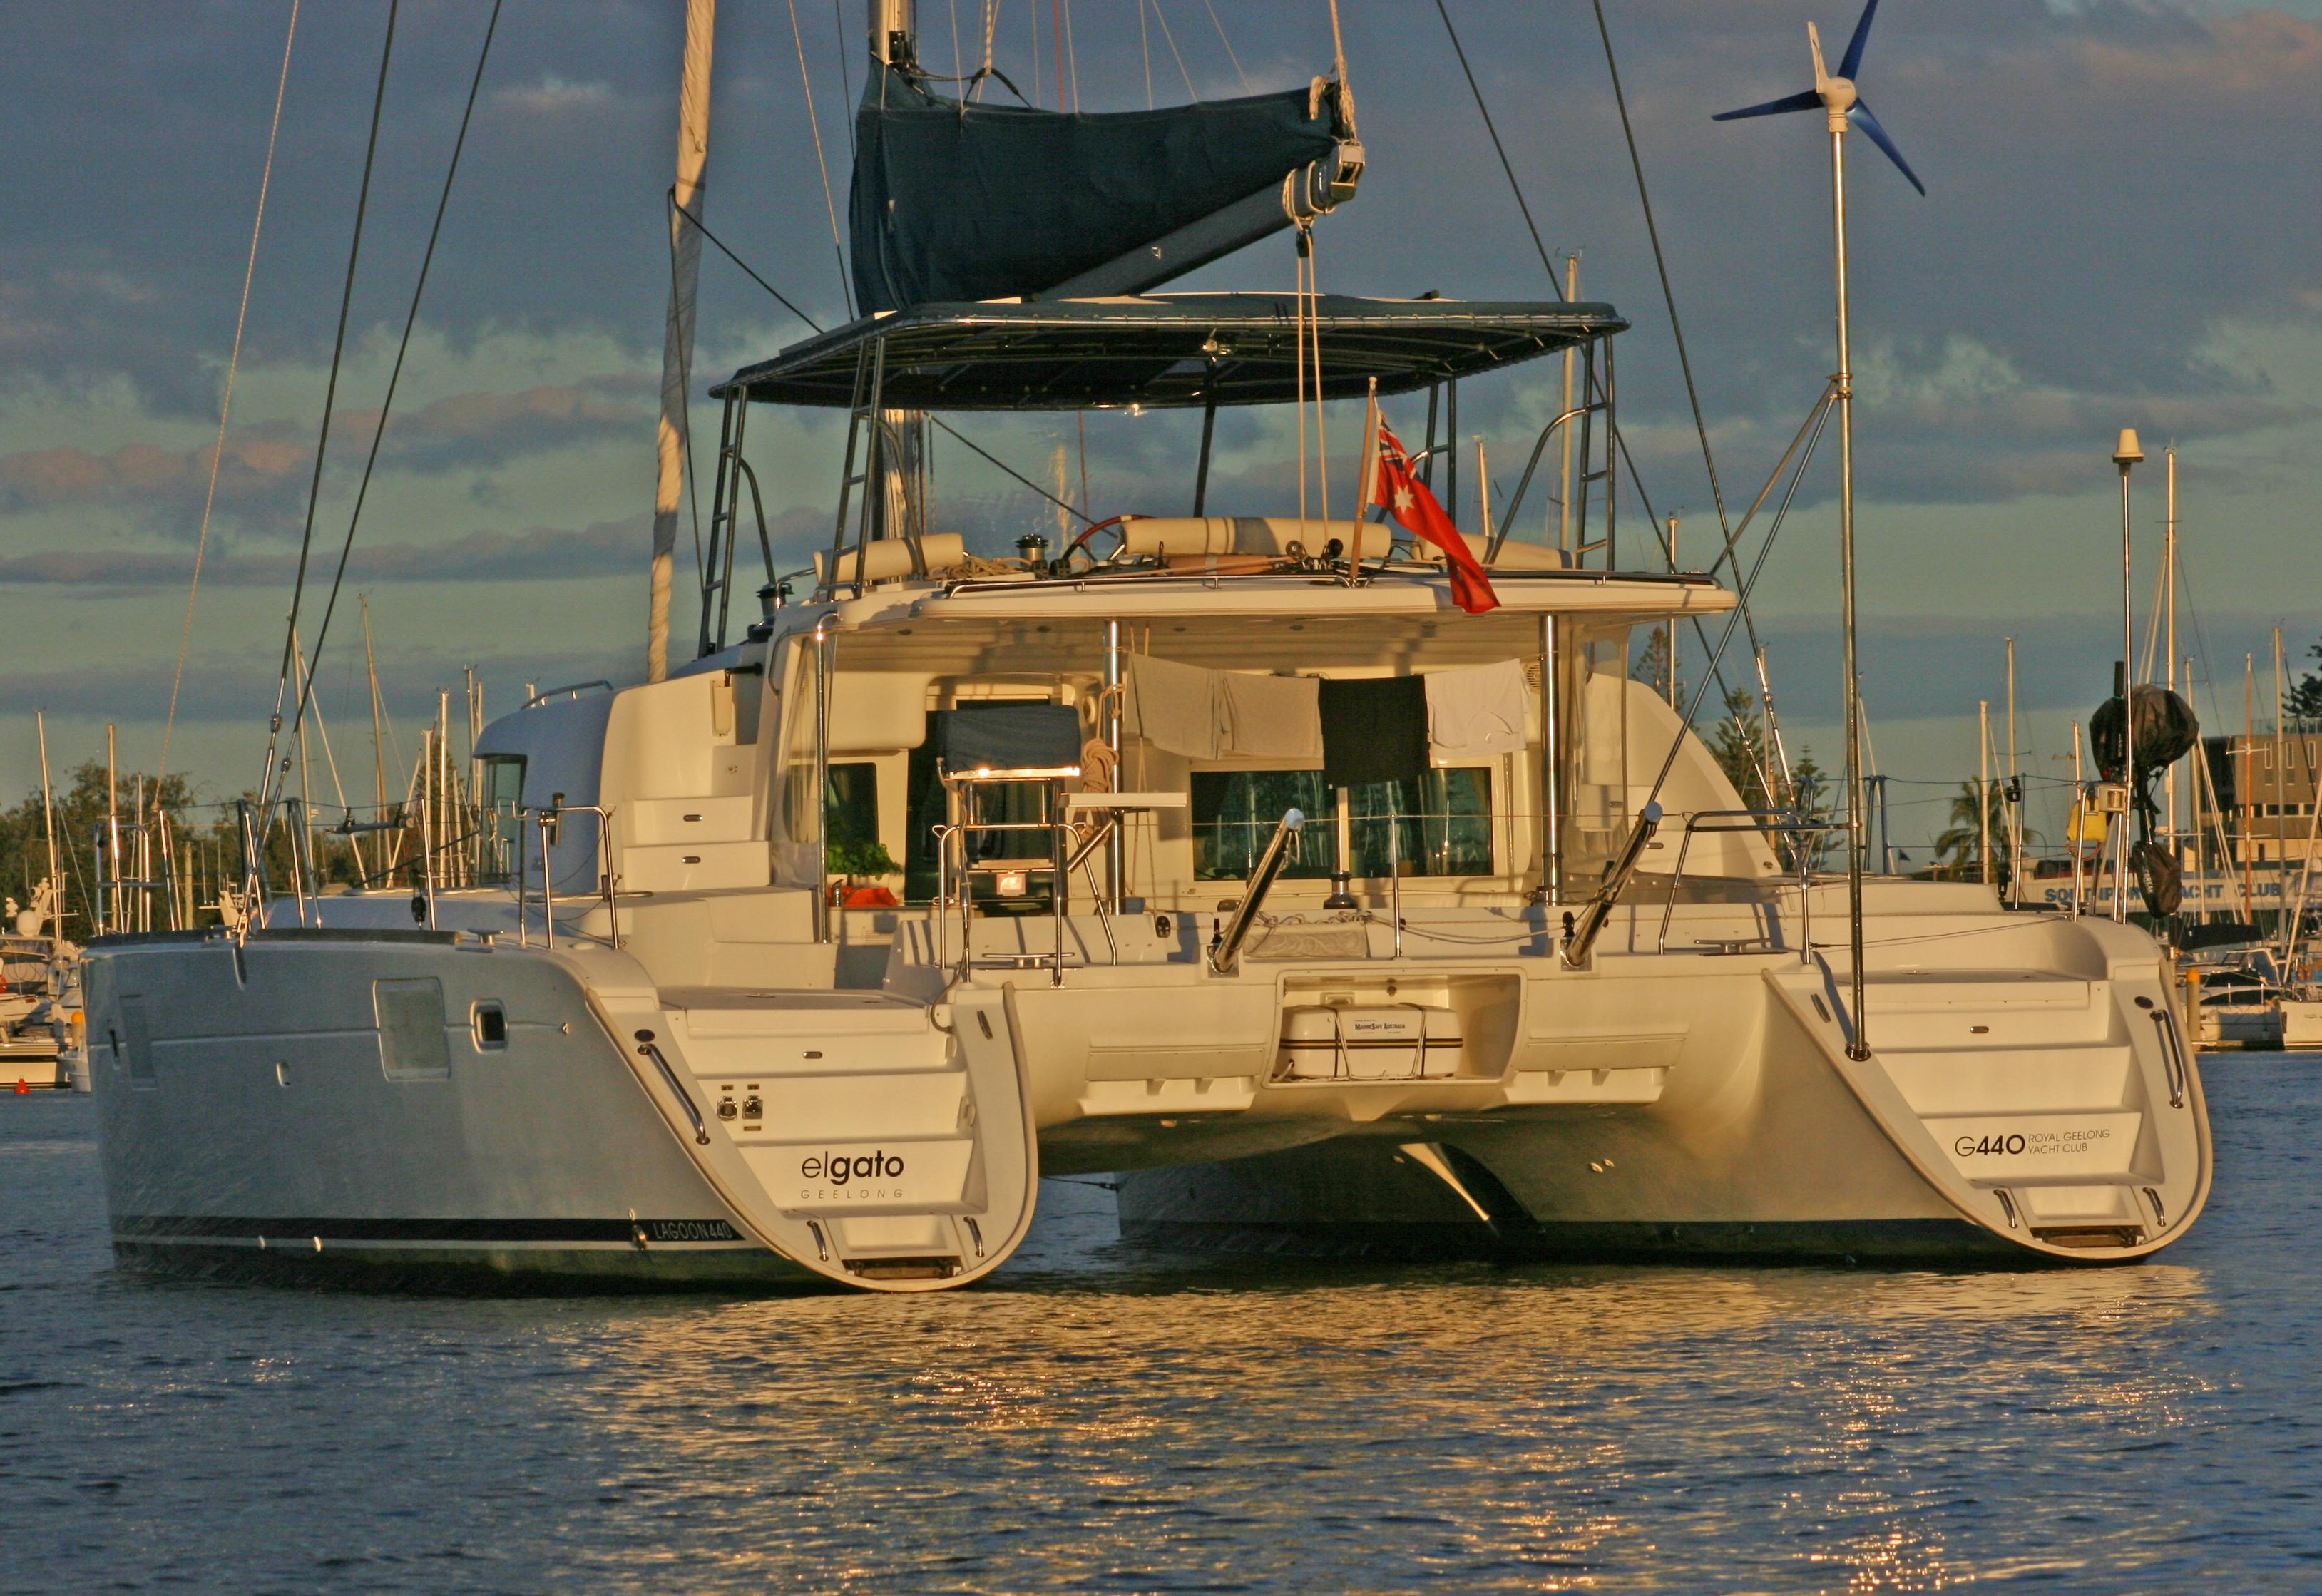 El Gato Lagoon 440 for sale Malaysia